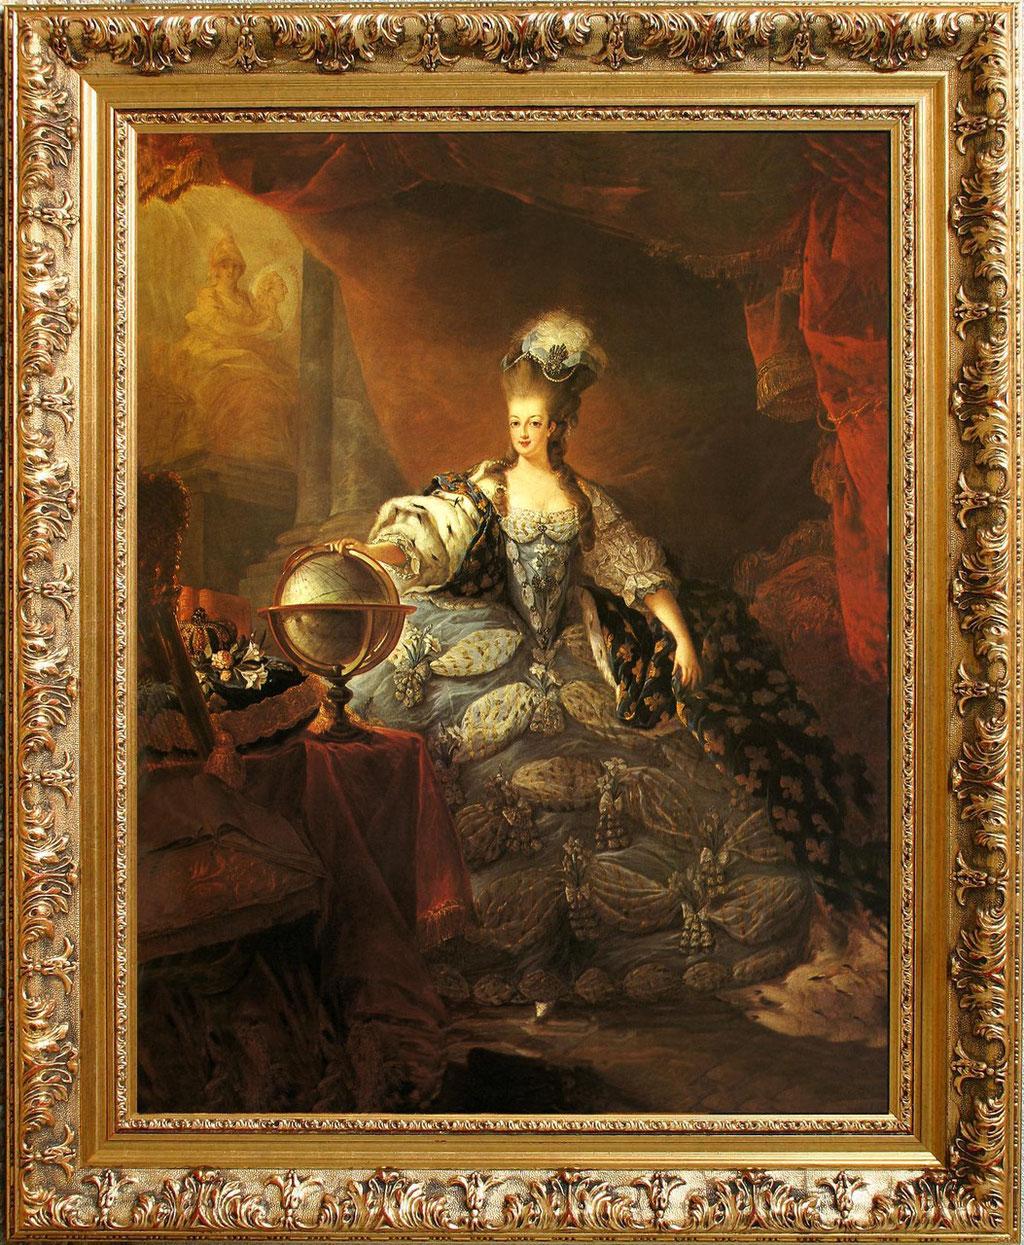 d'Agoty, Marie Antoinette